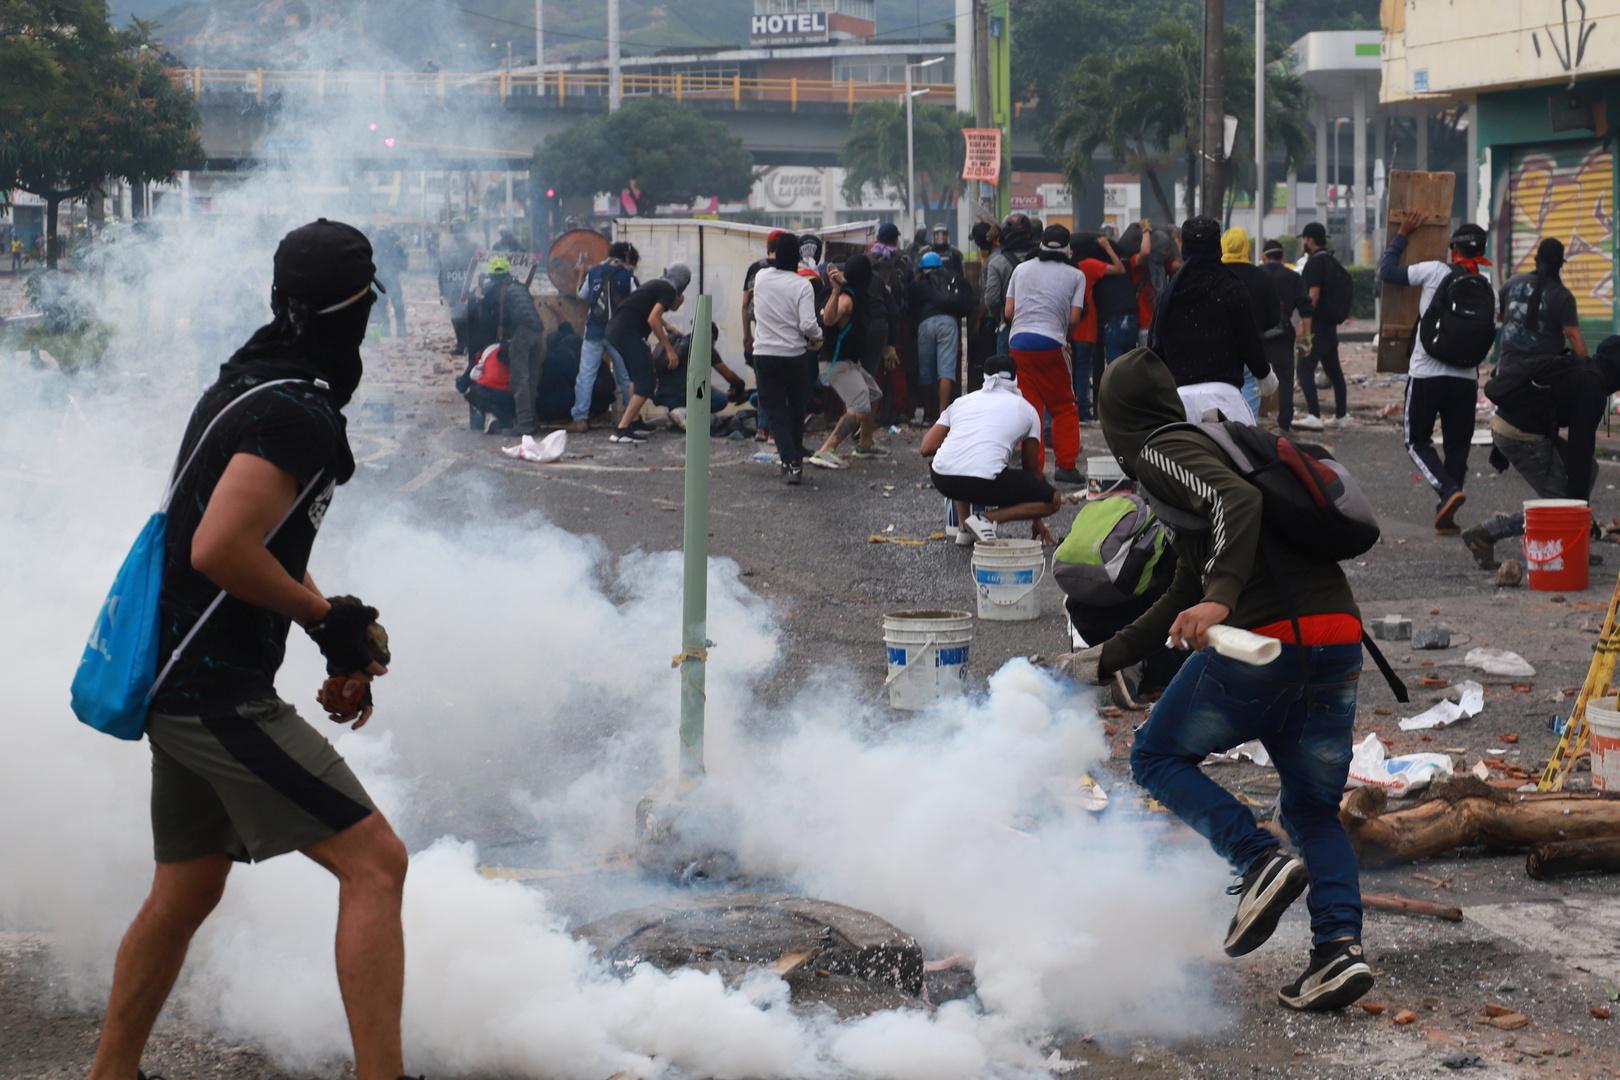 الأمم المتحدة تدين قمع الاحتجاجات في كولومبيا